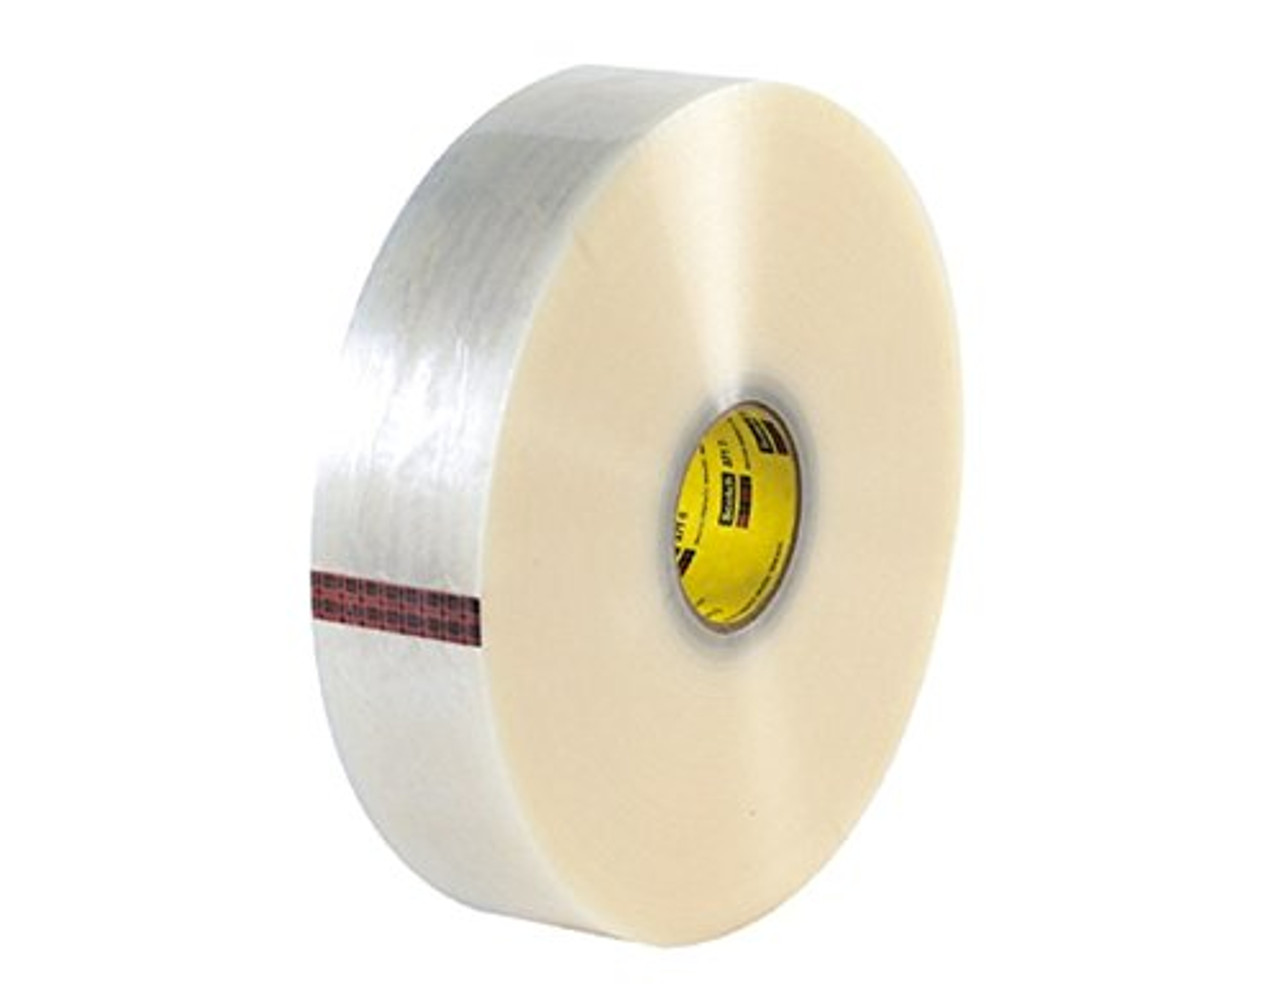 48 mm x 100 m Clear 6 x 6 Pack Case of 36 Rolls 3M Tartan Box Sealing Tape 369